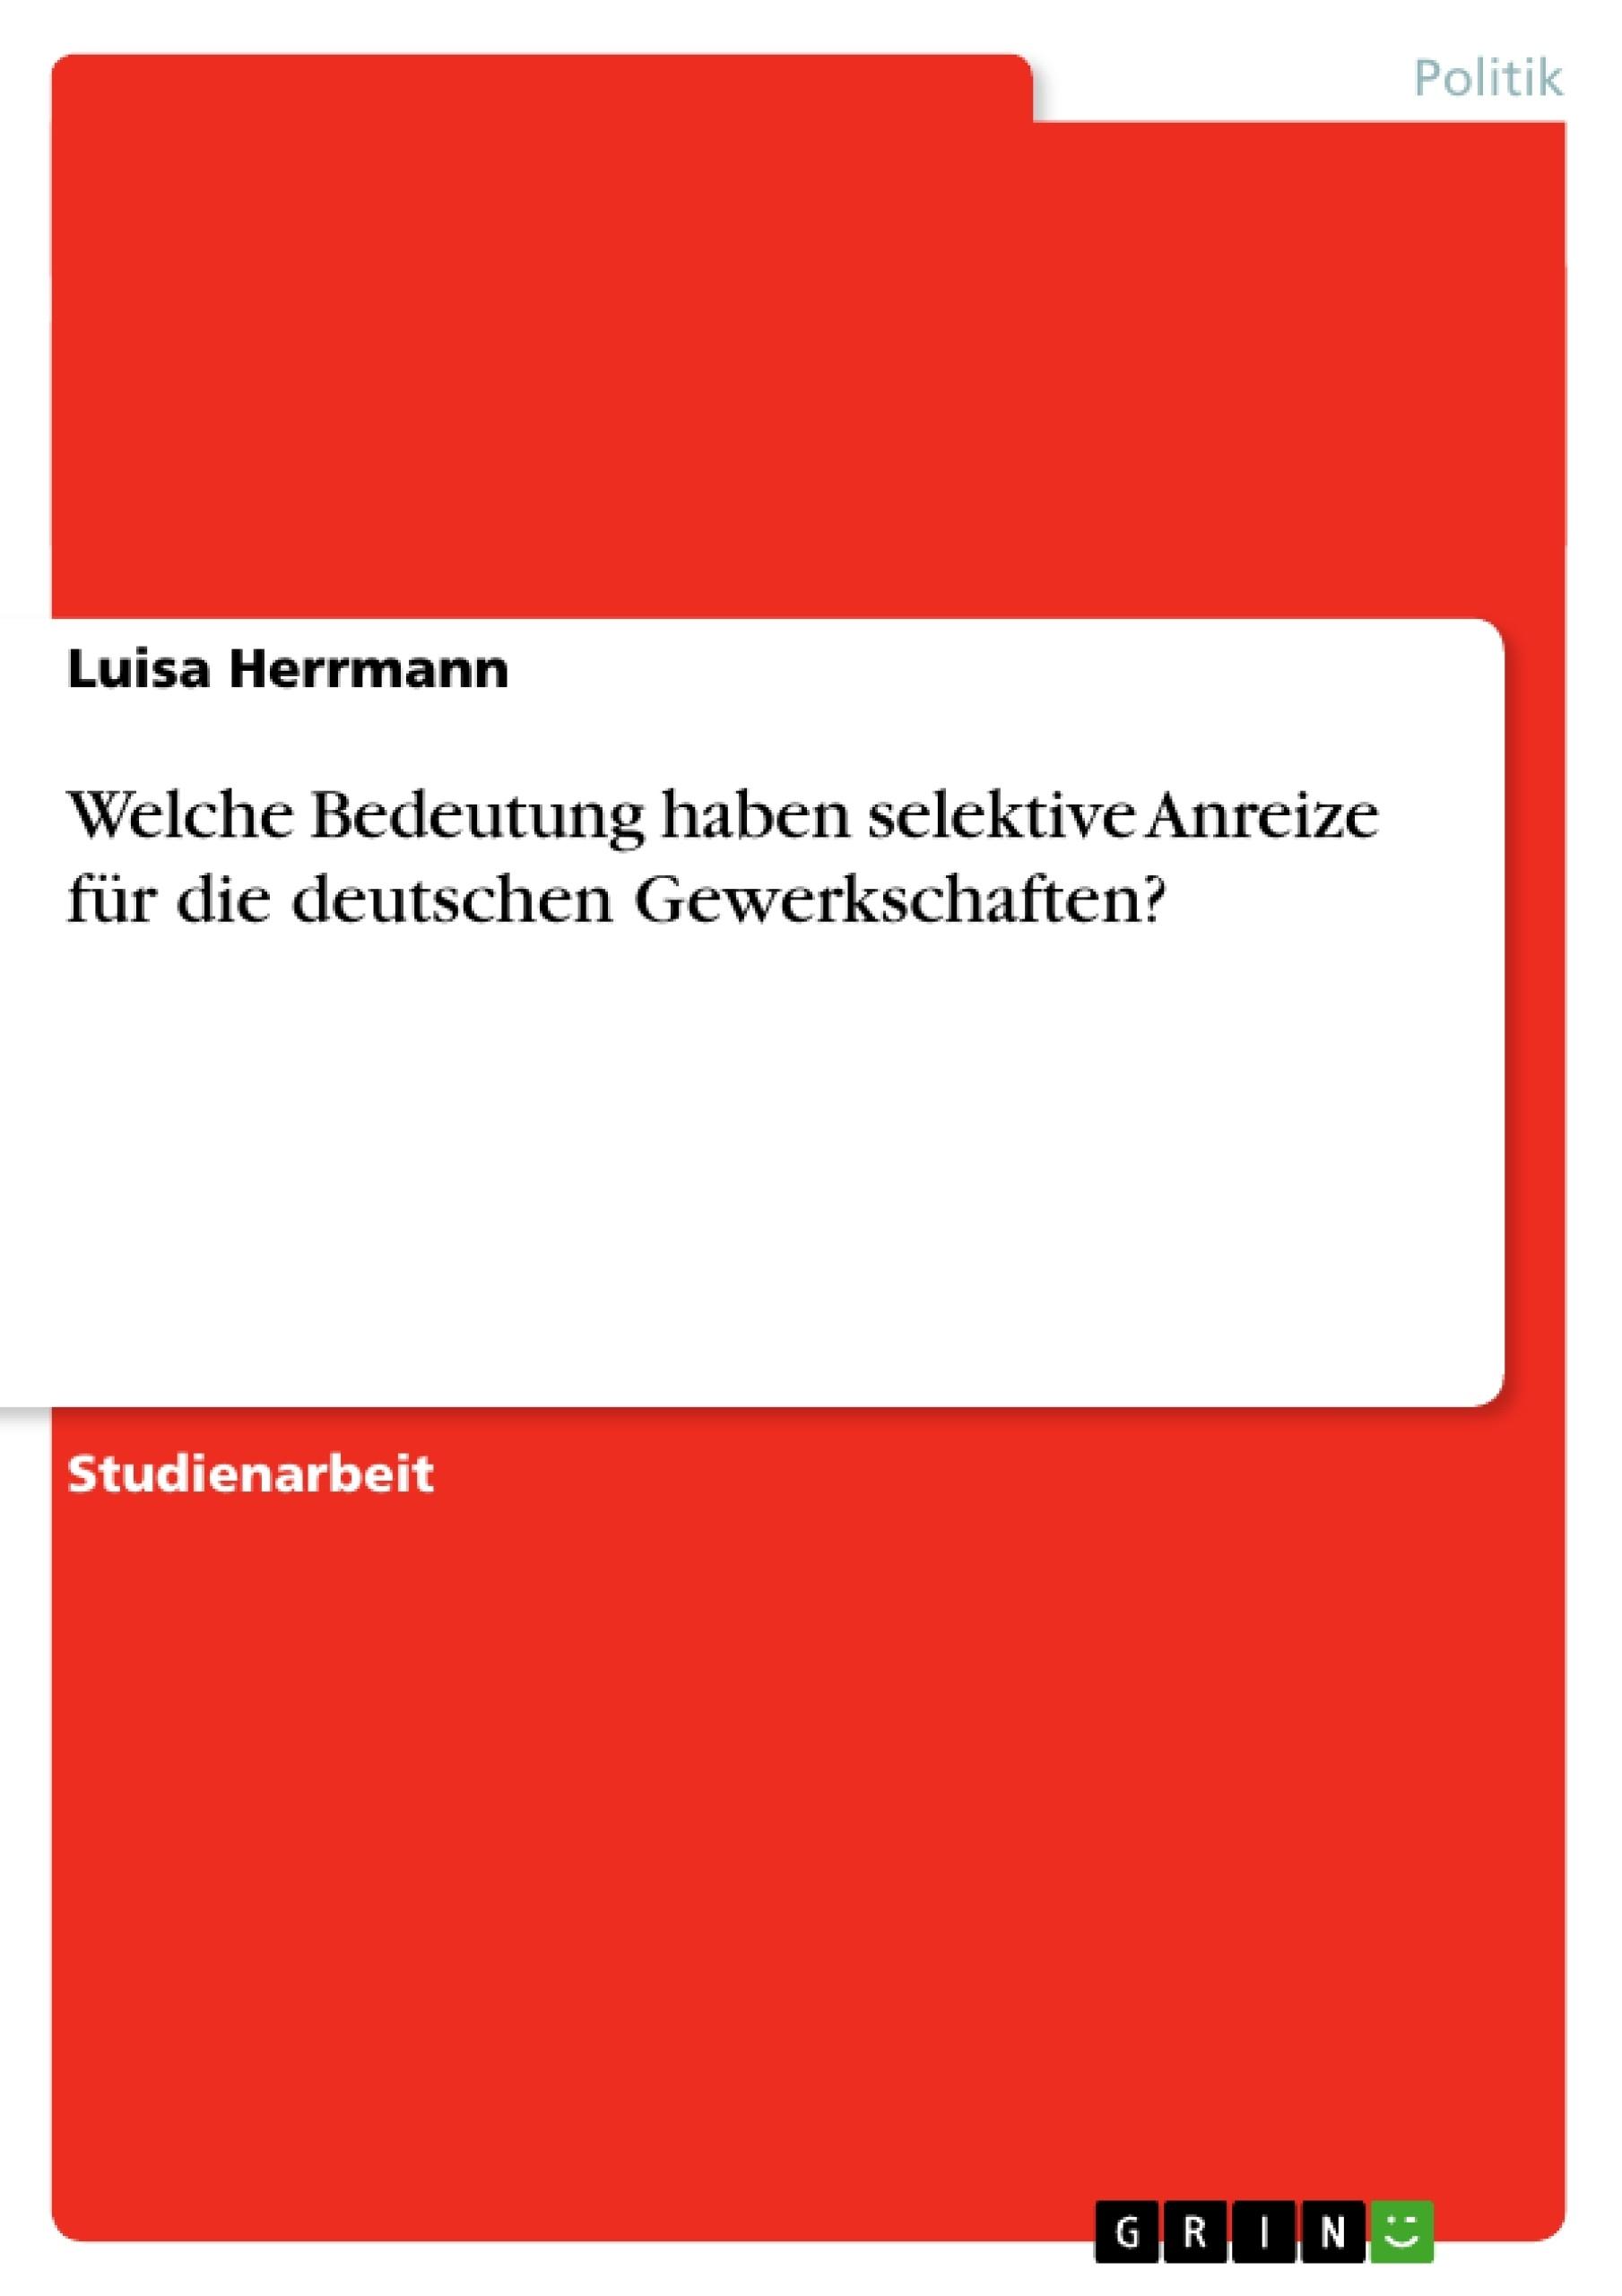 Titel: Welche Bedeutung haben selektive Anreize für die deutschen Gewerkschaften?